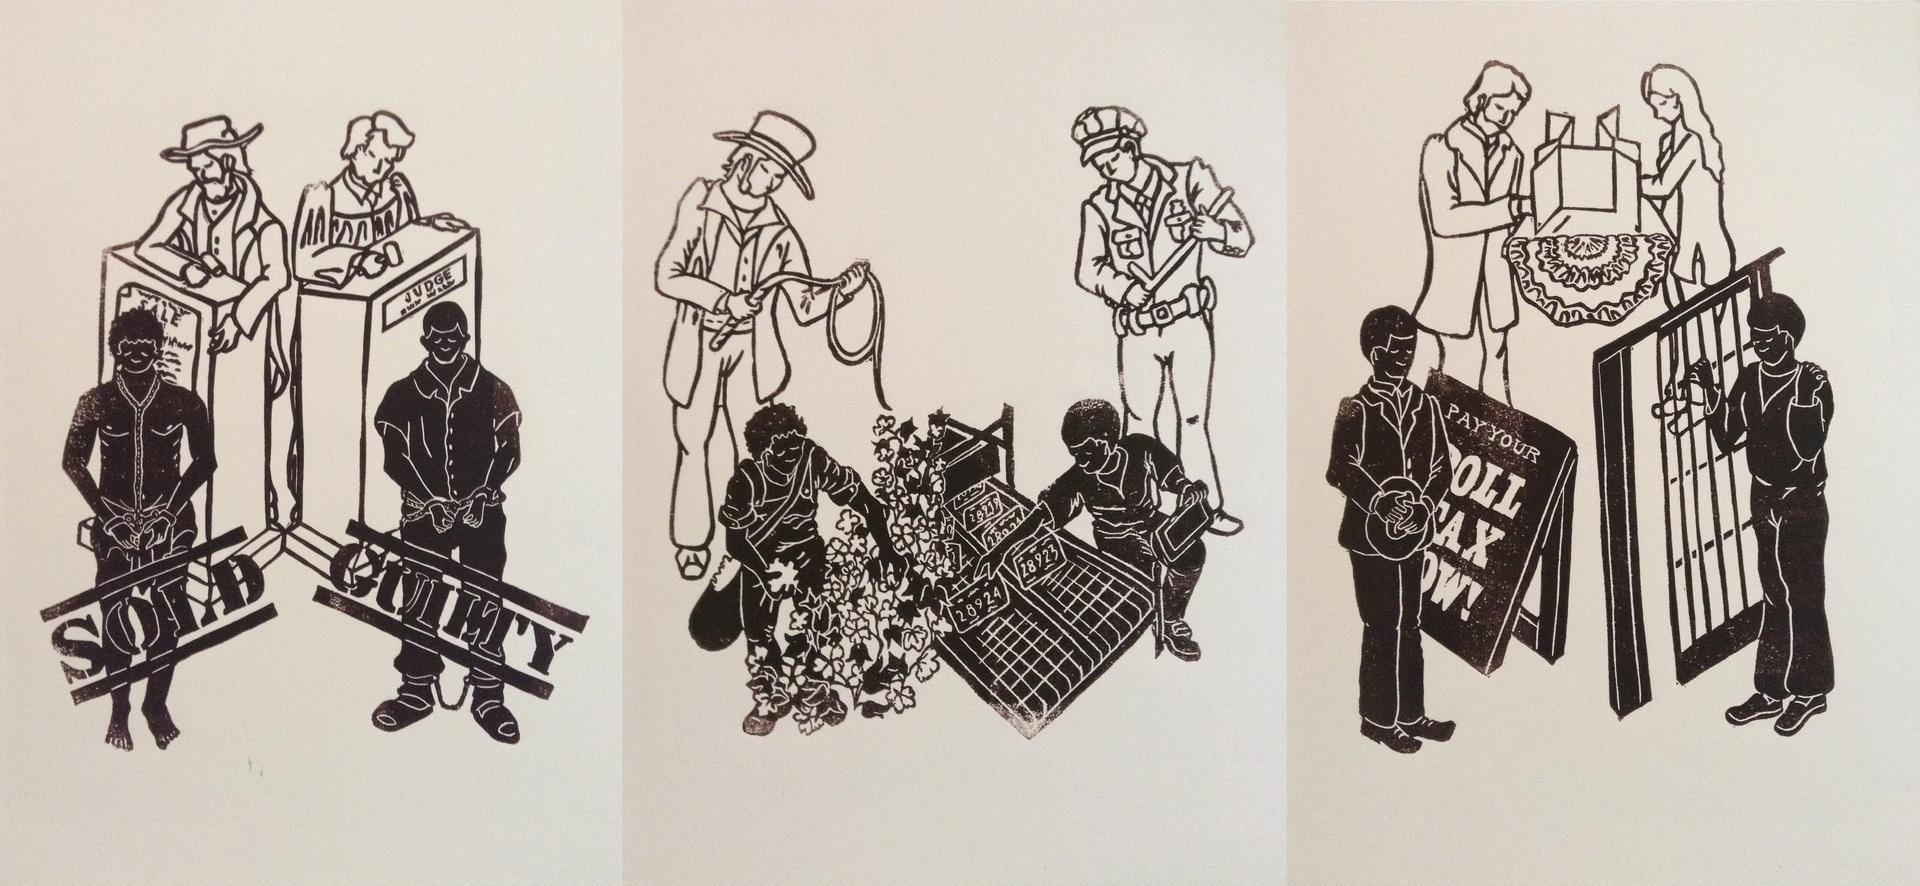 Incarceration: The New Slavery, Rebecca Spilecki